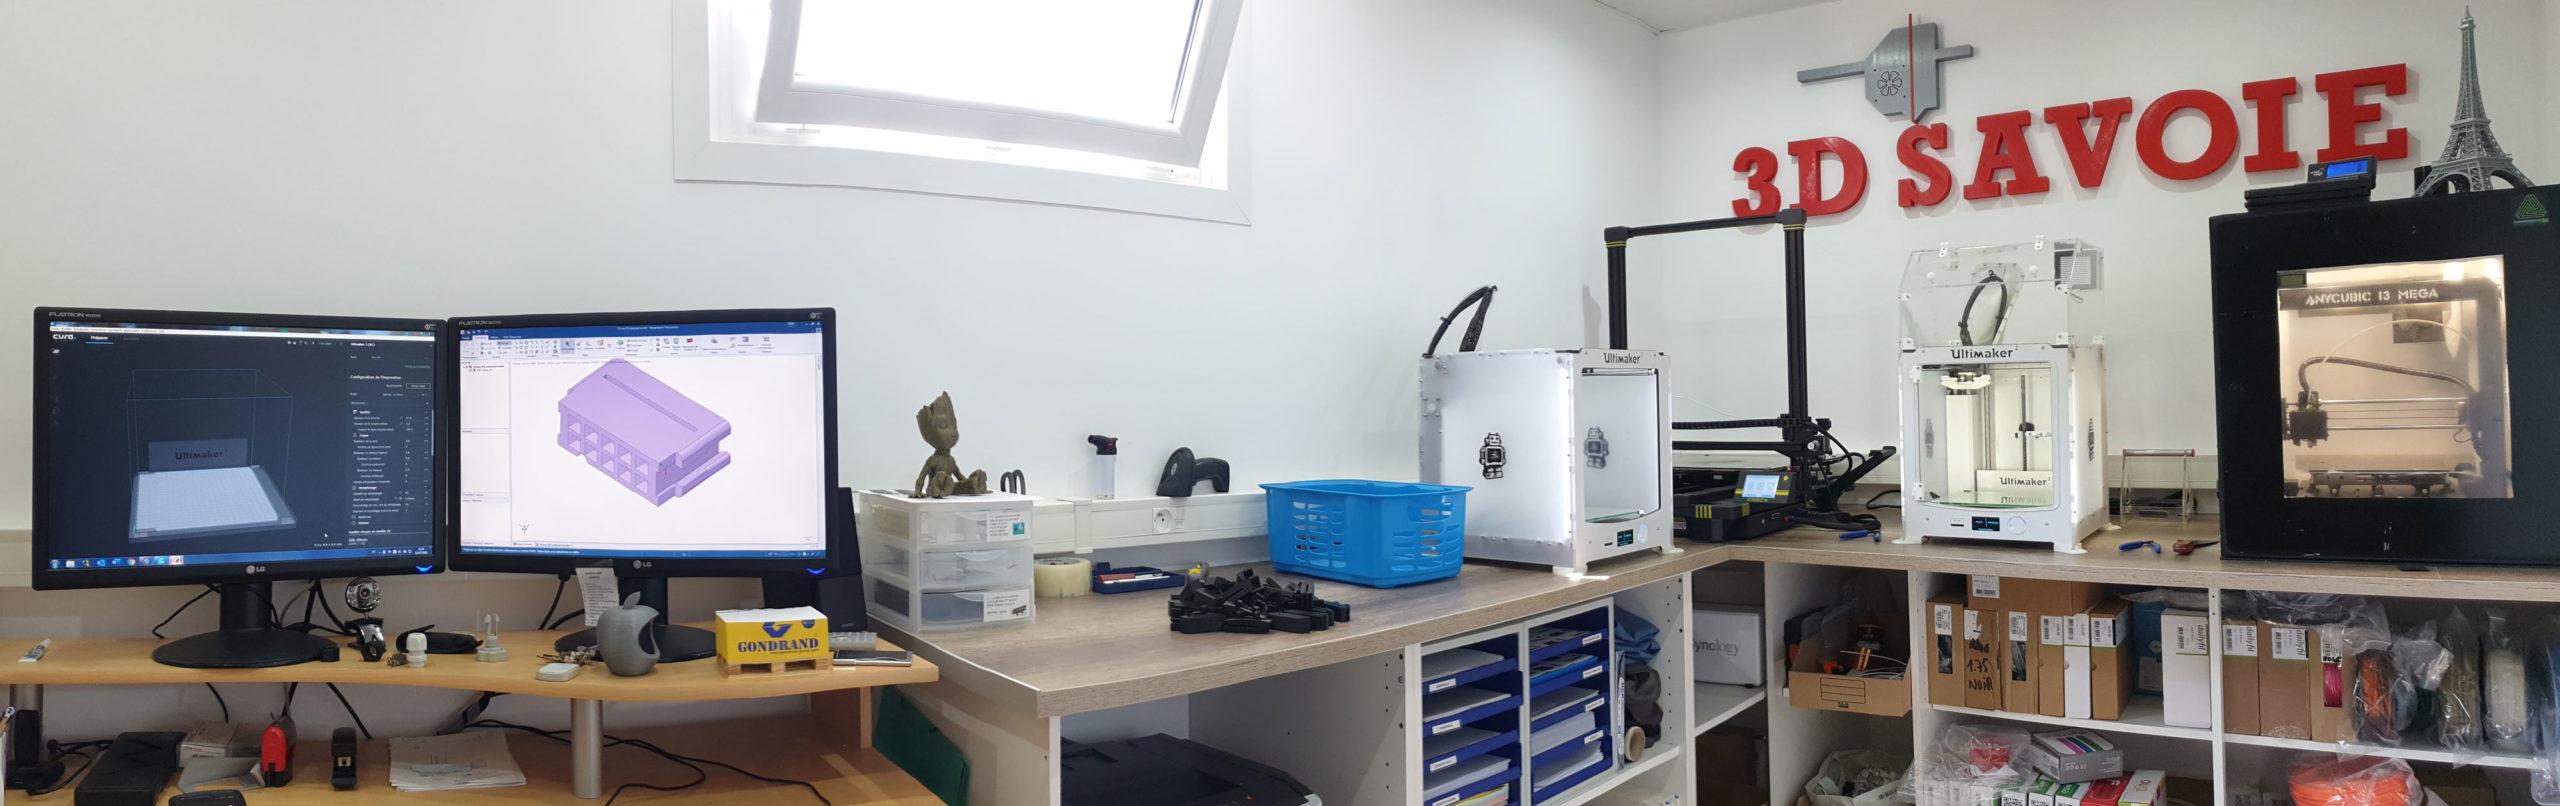 Labo-3d-savoie-impression-atelier